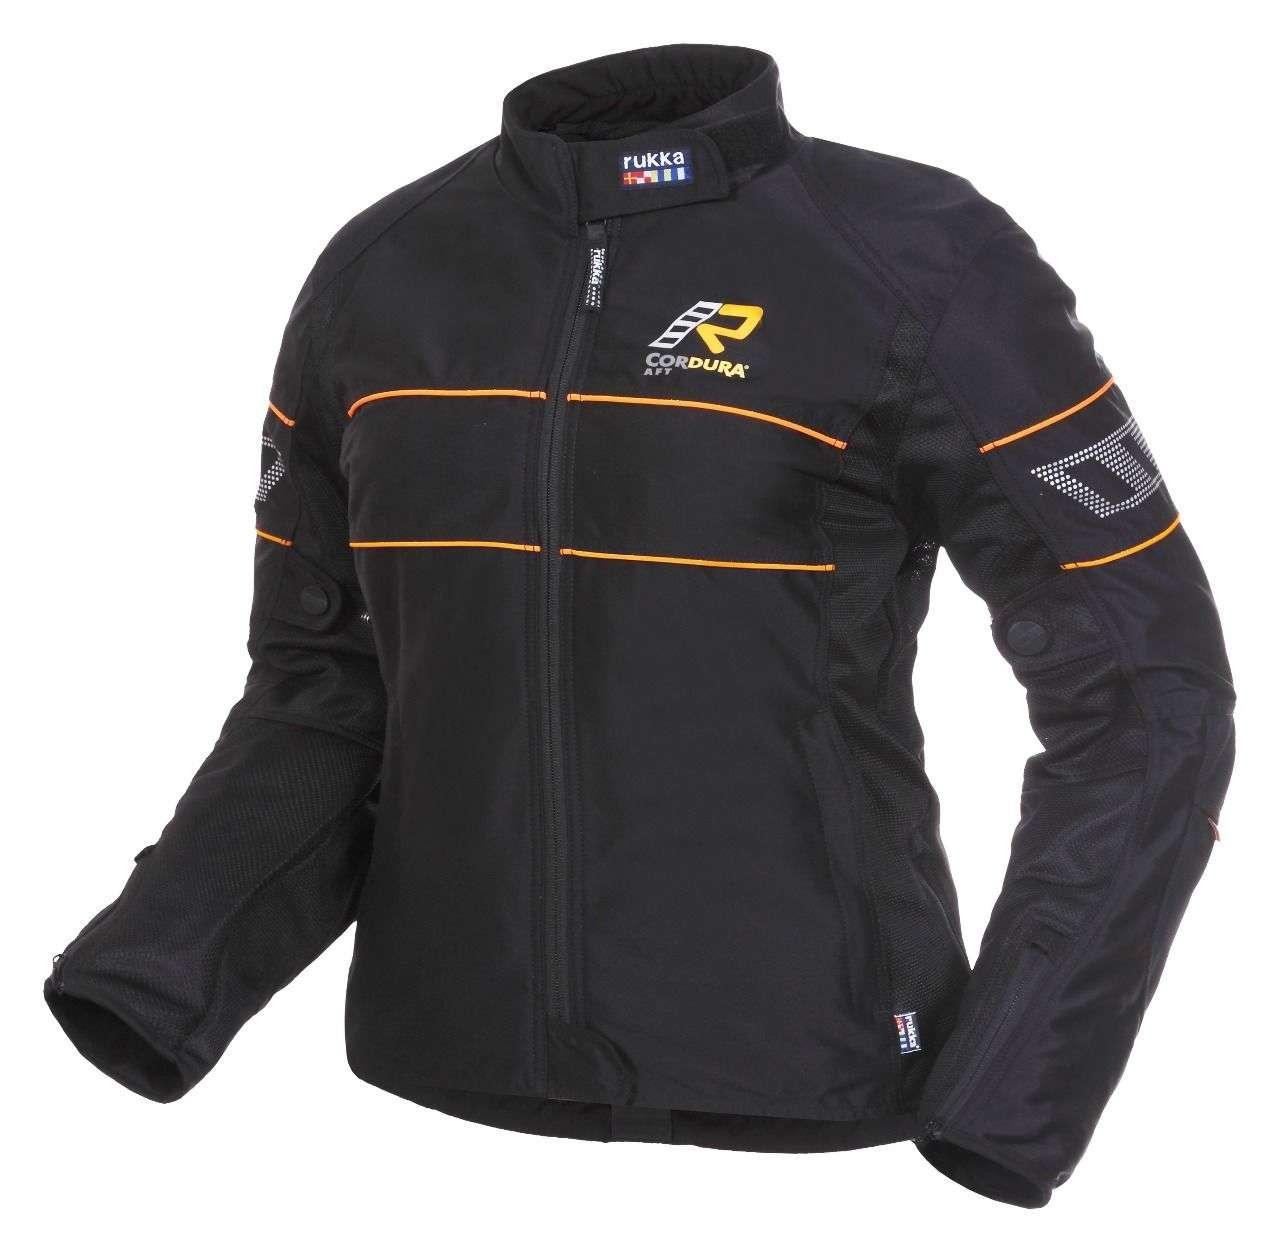 Die Jacke gibt es in den Größen 34 bis 50 und kostet 329 Euro.